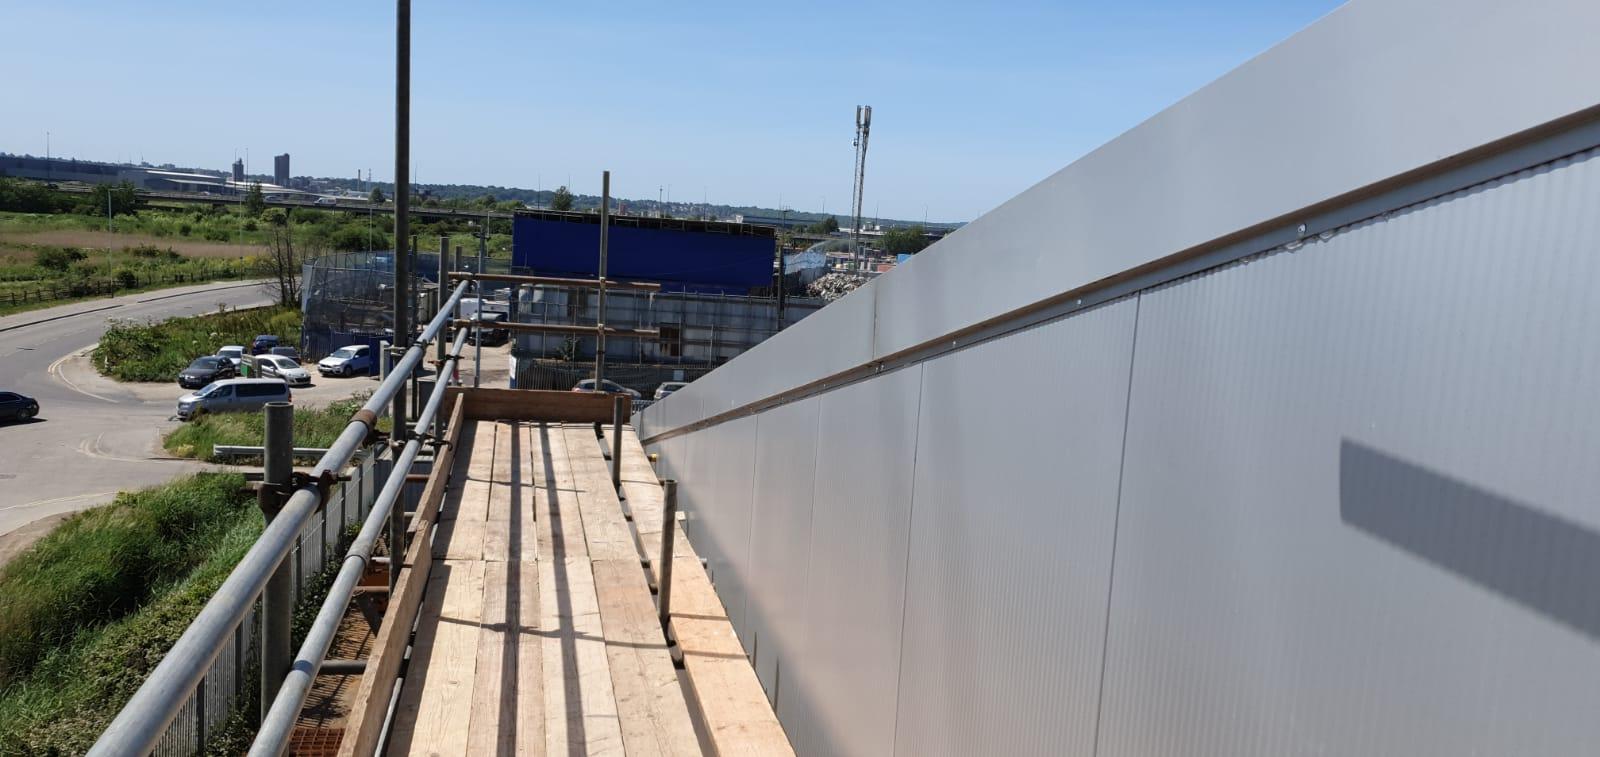 Office repair to large Warehouse roof in Rainham, Essex